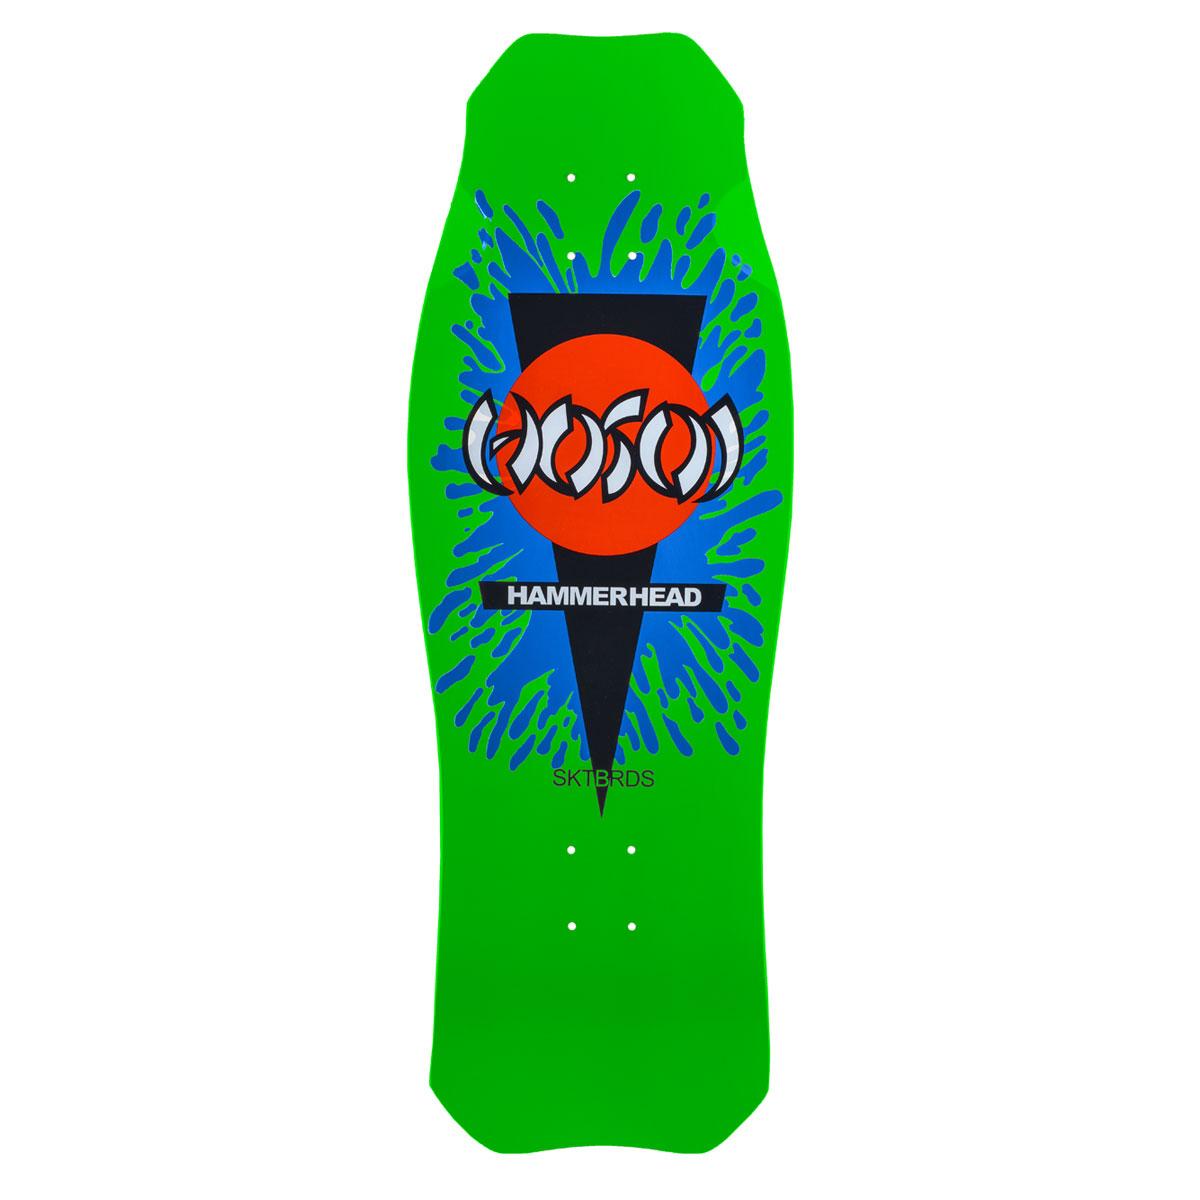 OG-Hammerhead-Green-Splat-Bottom.jpg